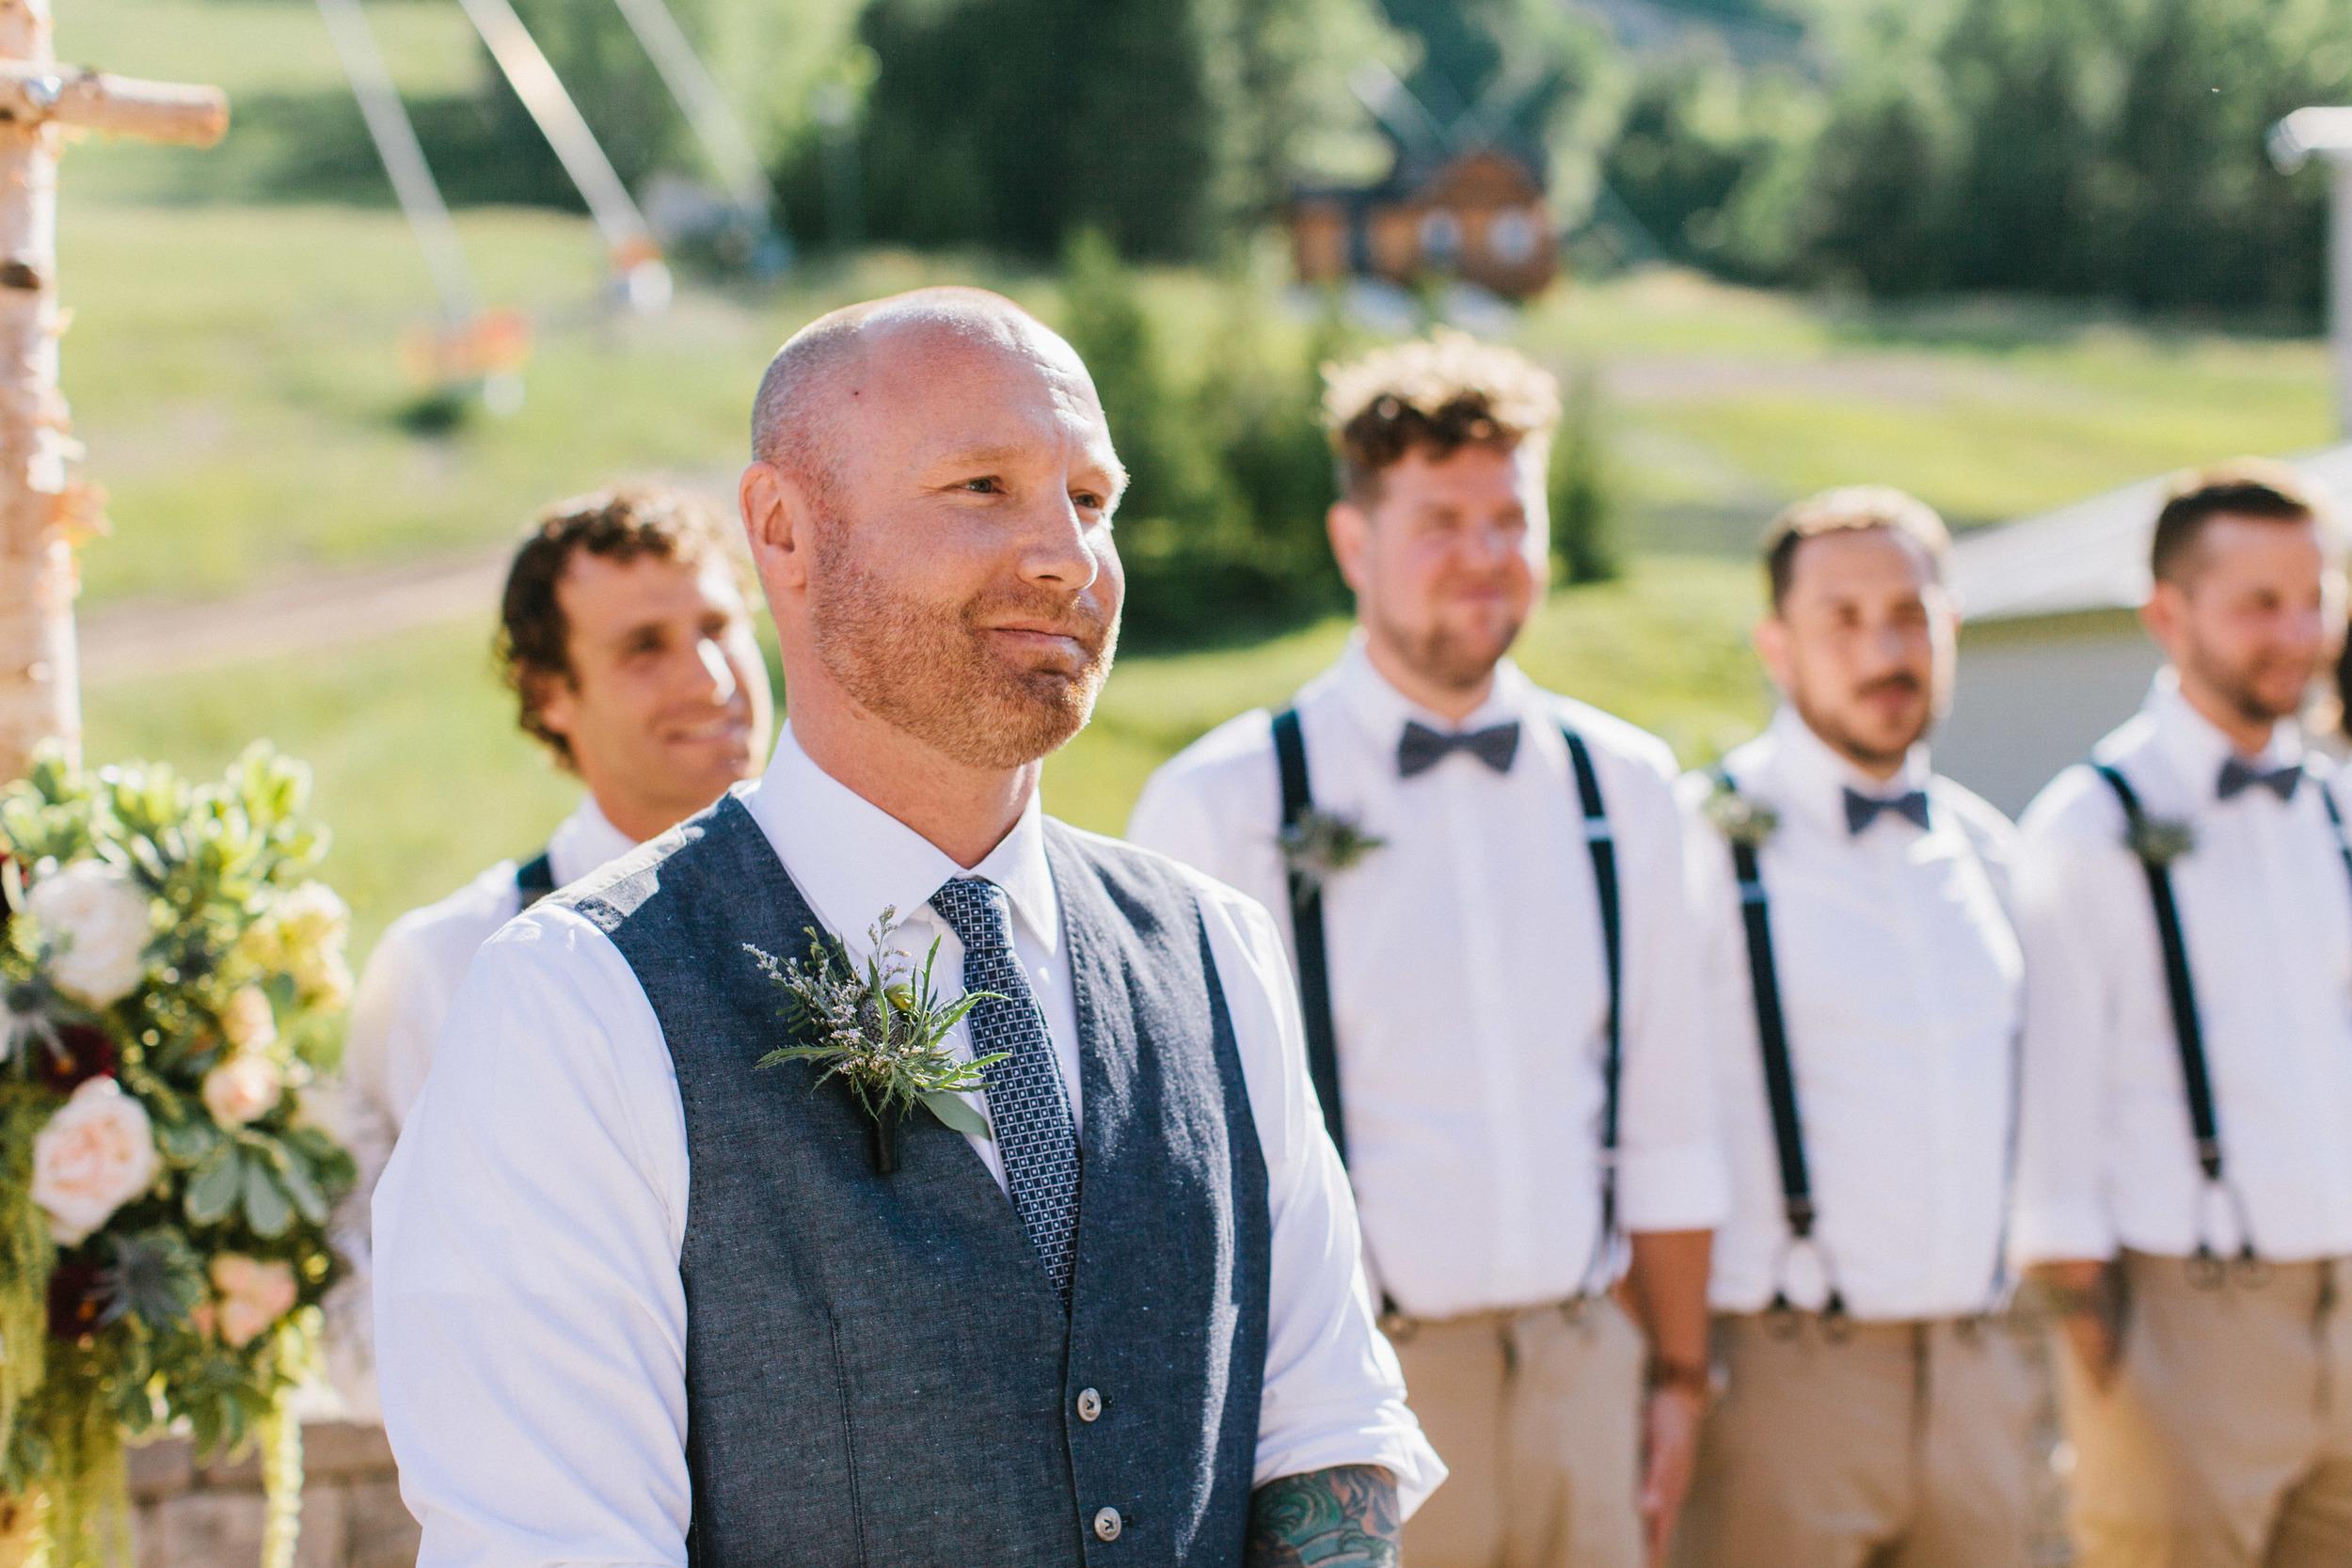 michael-rousseau-photography-shannae-ingleton-wedding-sean-craigleith-ski-club-wedding041.jpg